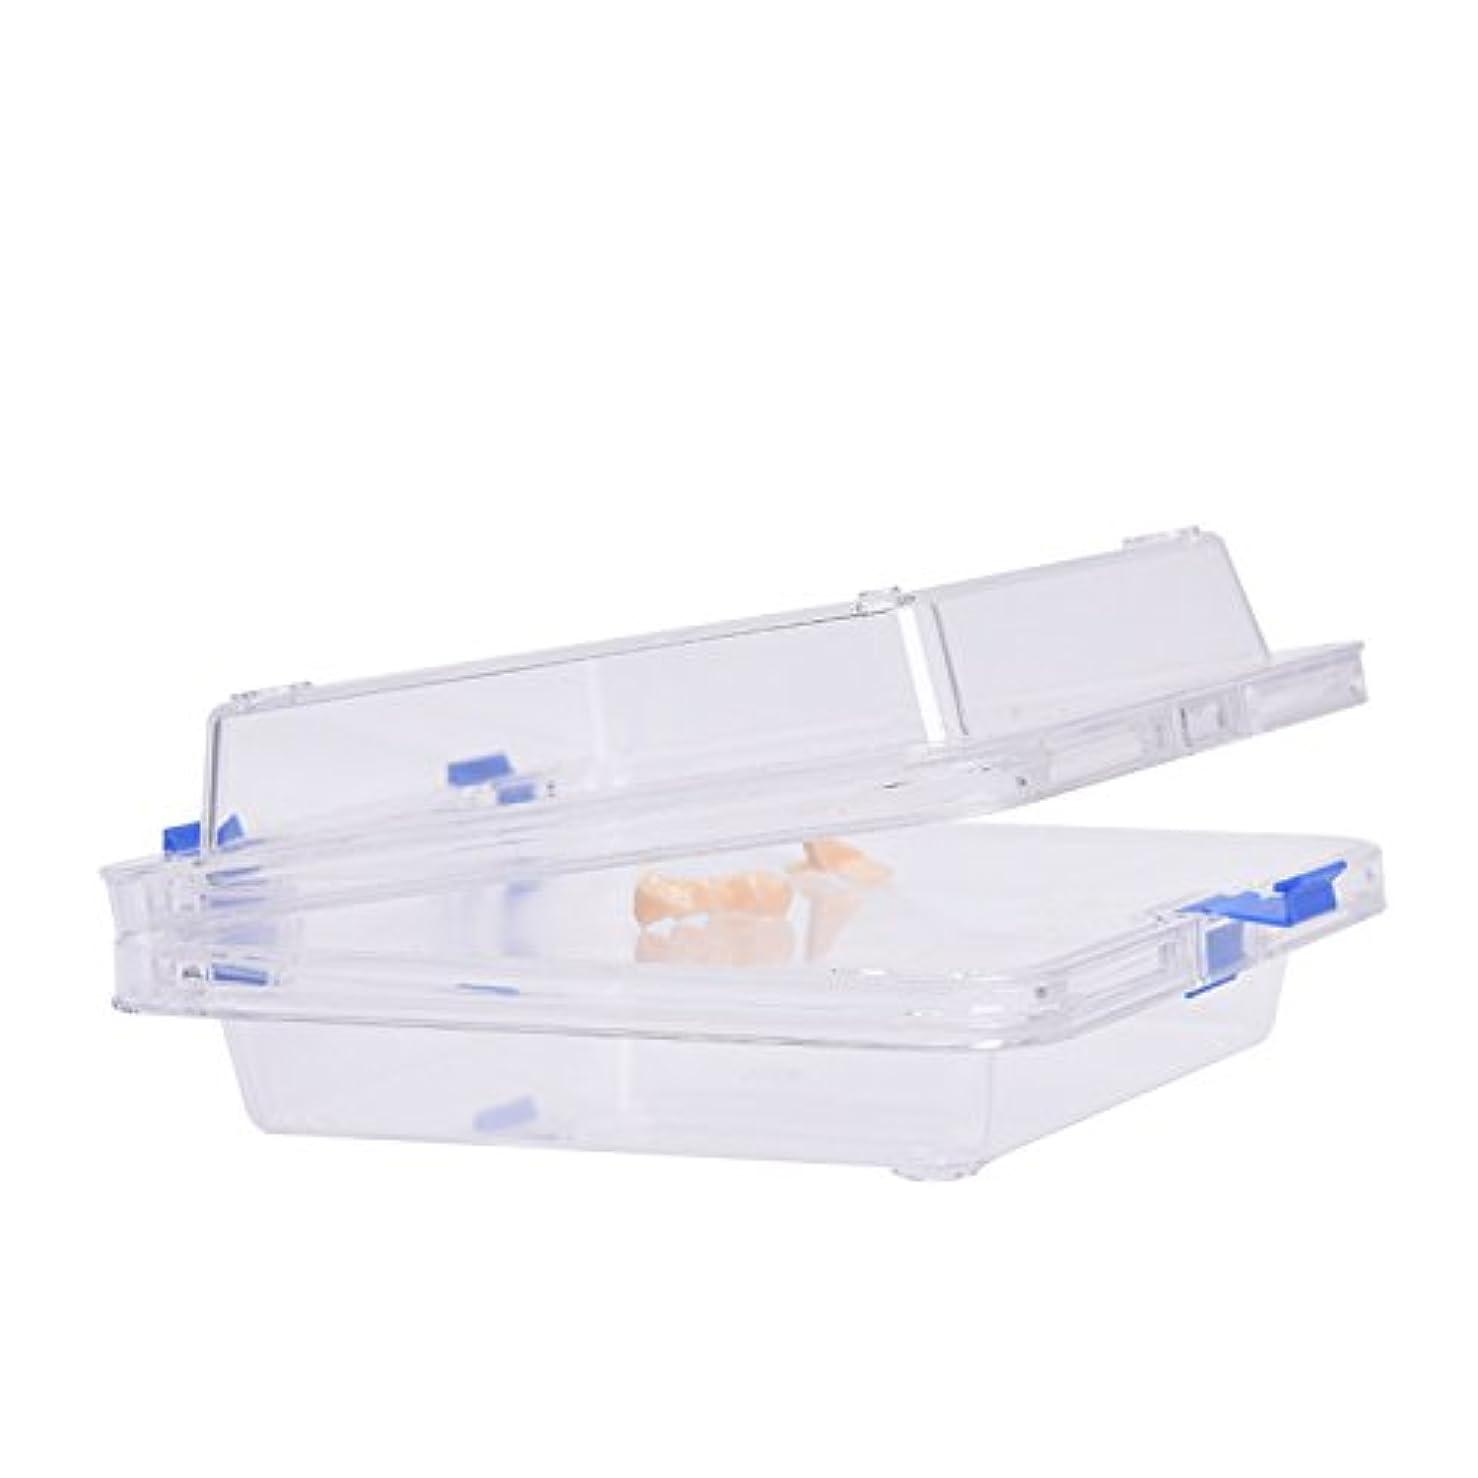 連帯期限単語入れ歯入れケース防振膜付き サイズ:9.5 * 9.5 * 5cm  義歯ケース Annhua